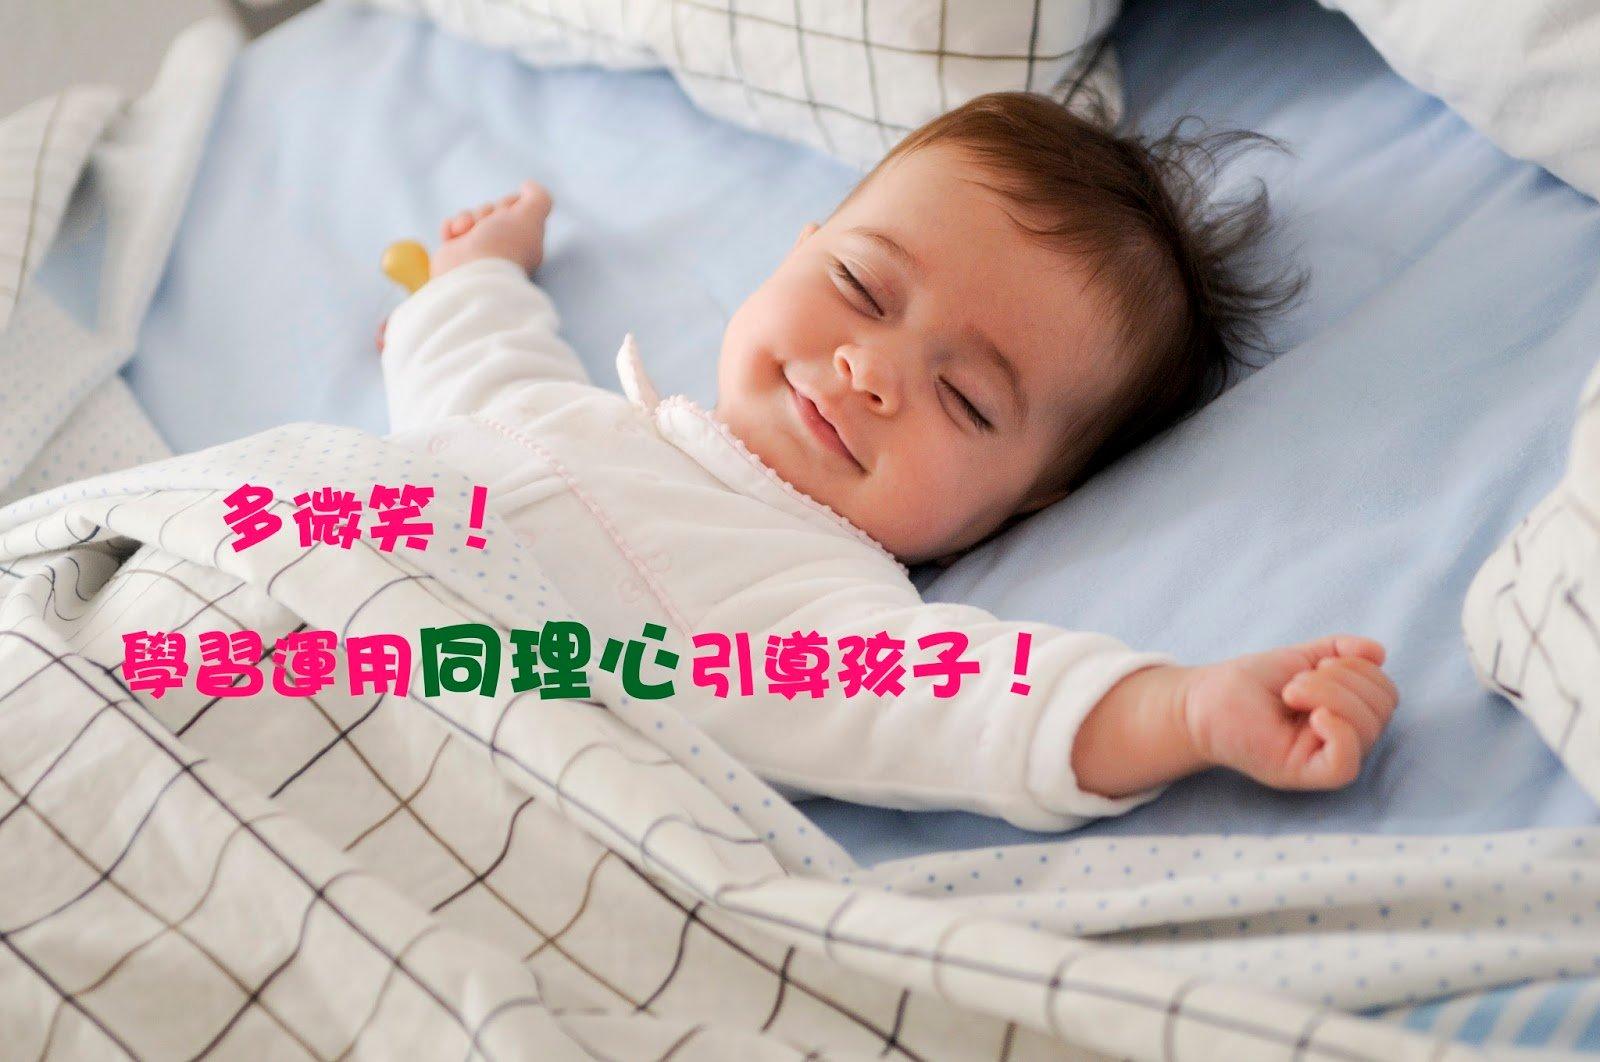 多微笑!學習運用同理心引導孩子!